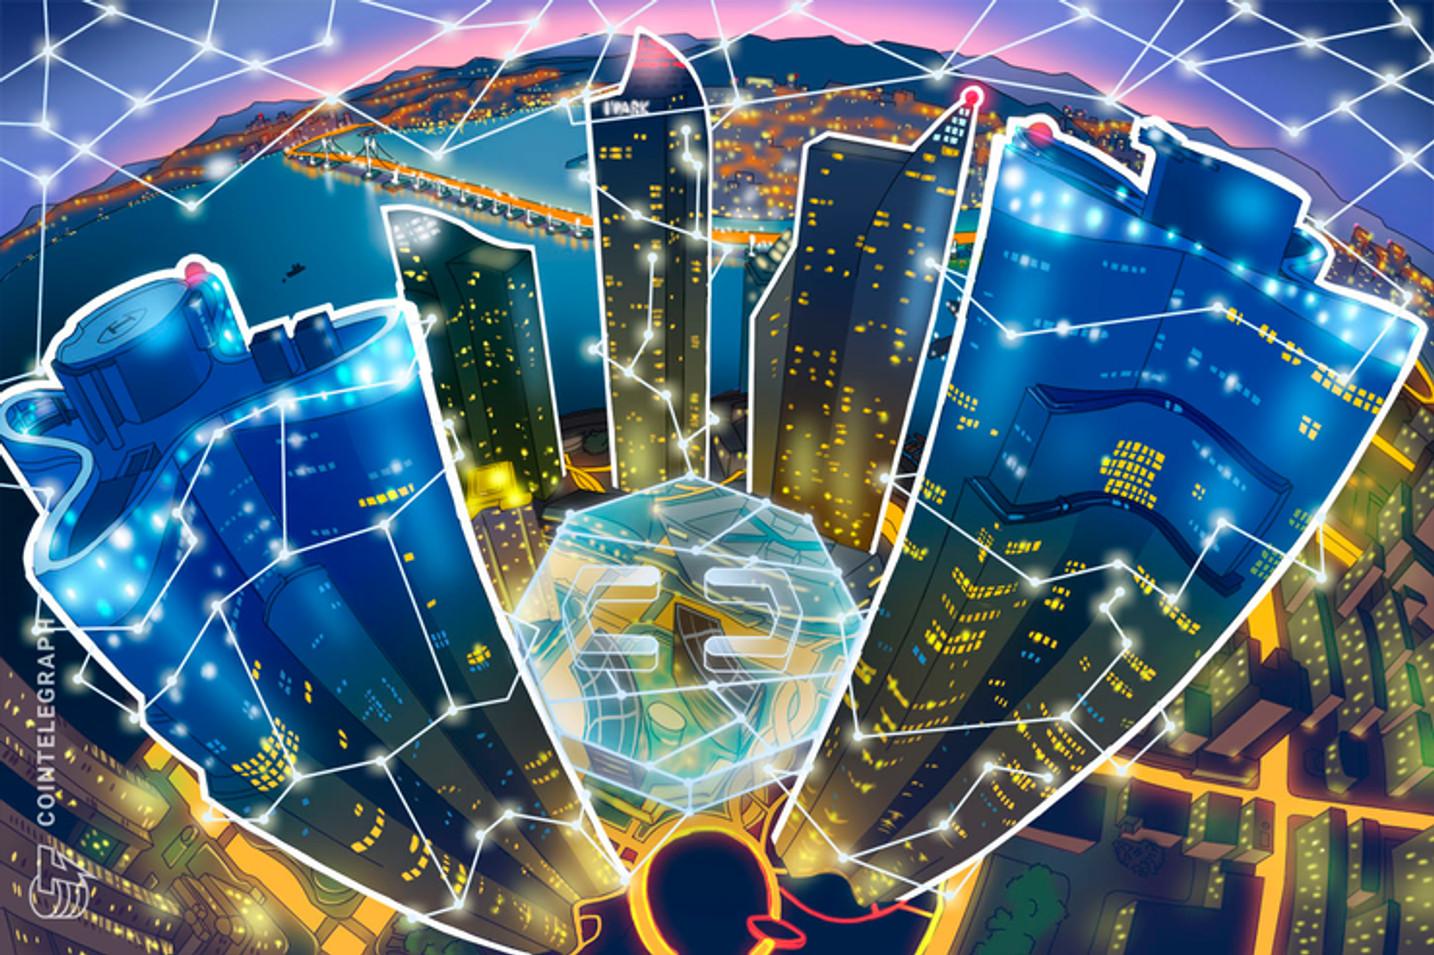 Especialista brasileiro aponta blockchain e criptomoedas como grande aposta para 2020